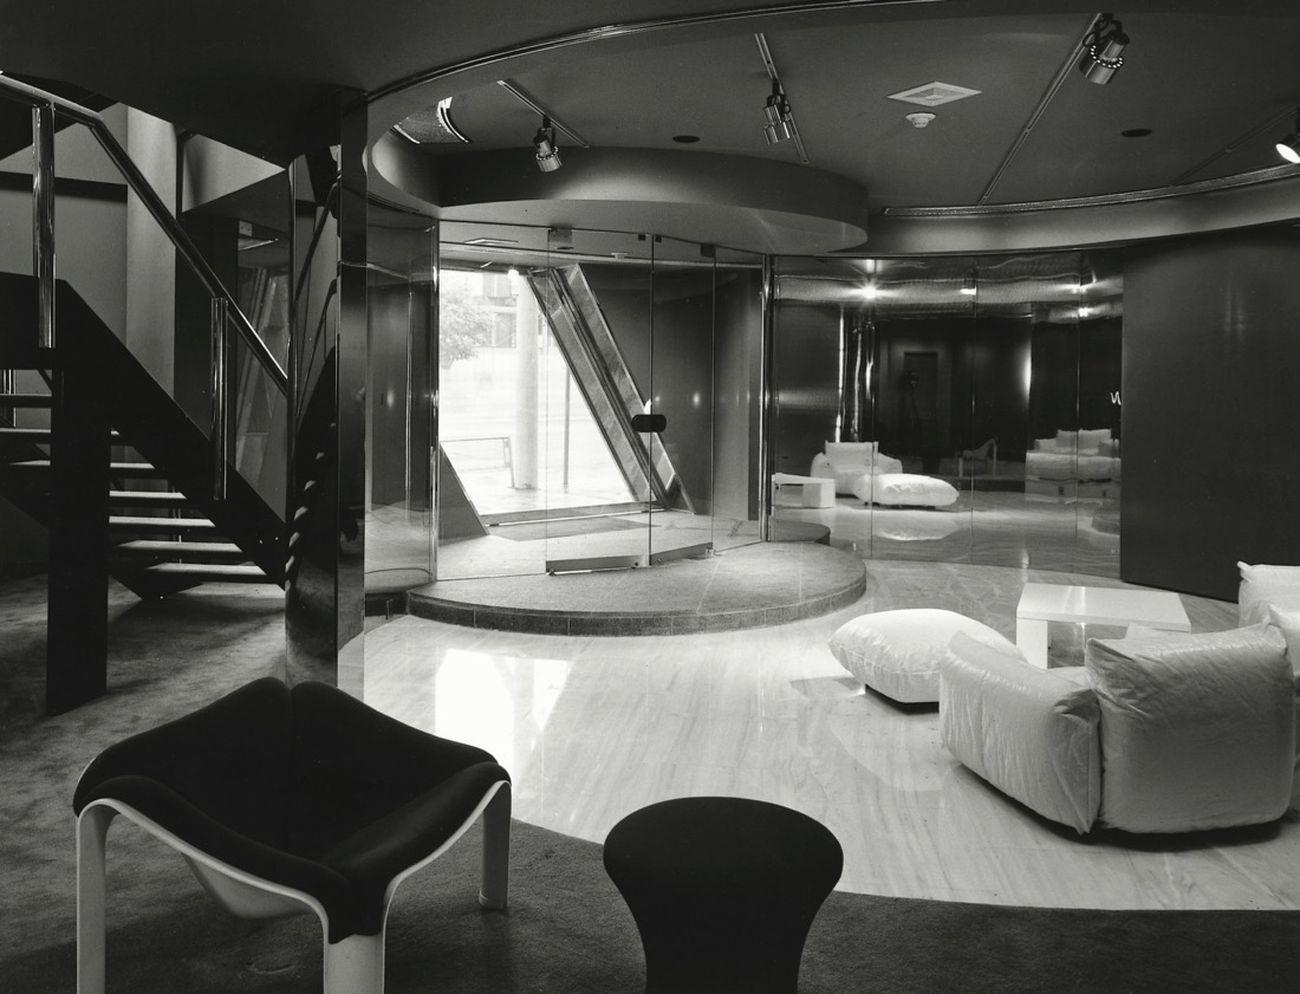 Paolo Riani, MEC – Mitsubishi Estate CO, Edificio direzionale e showroom, Aoyama dori Tokyo, 1971. Interno, esposizione di mobili. Photo A. Kawasumi